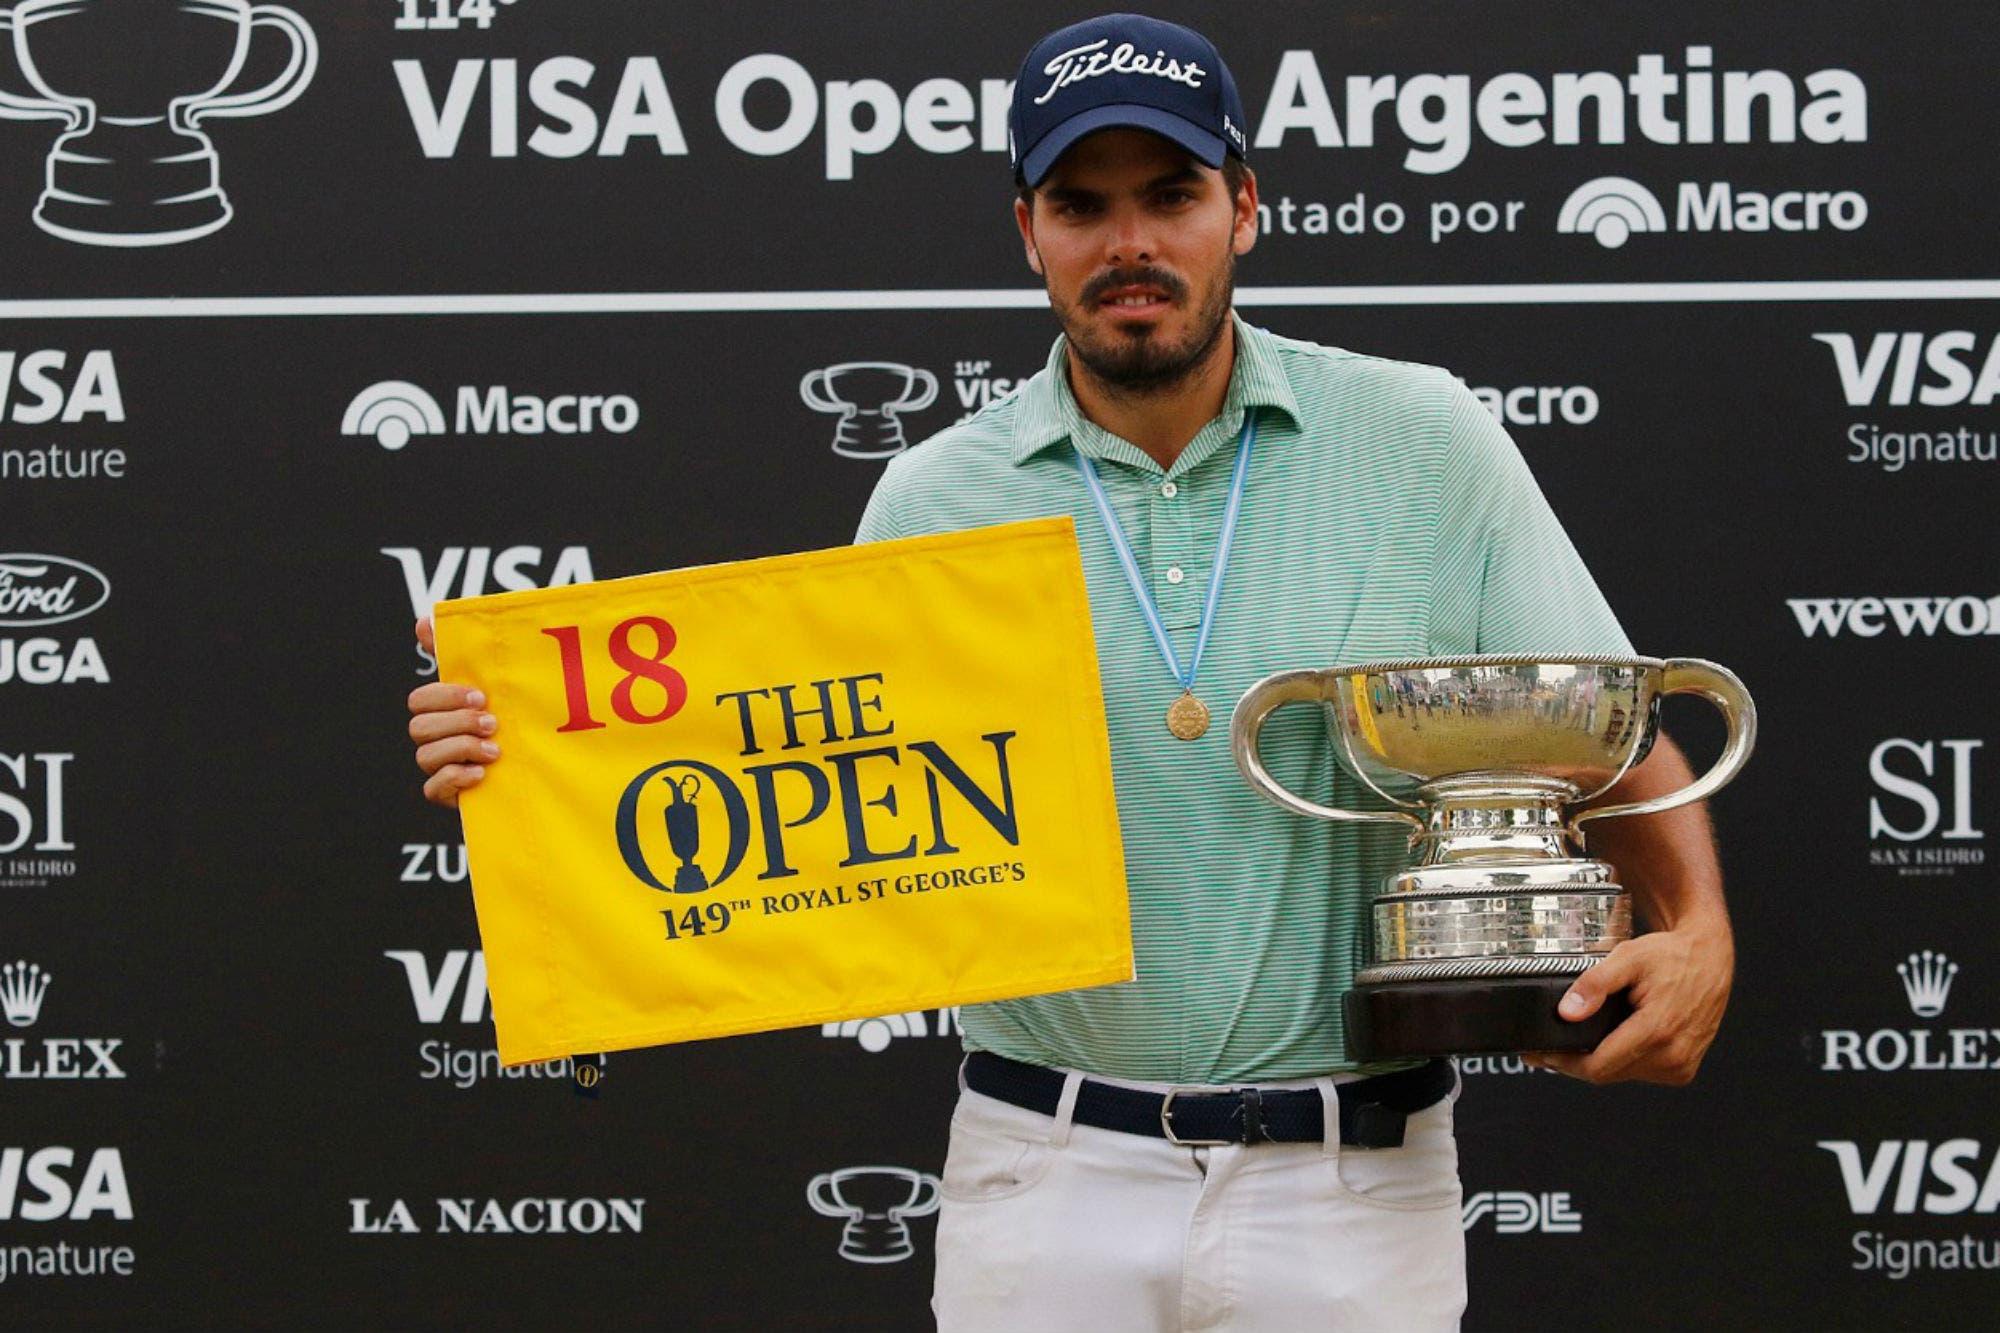 Abierto: el colombiano Ricardo Celia atrapó el torneo en el Jockey que se le escapó a Augusto Núñez